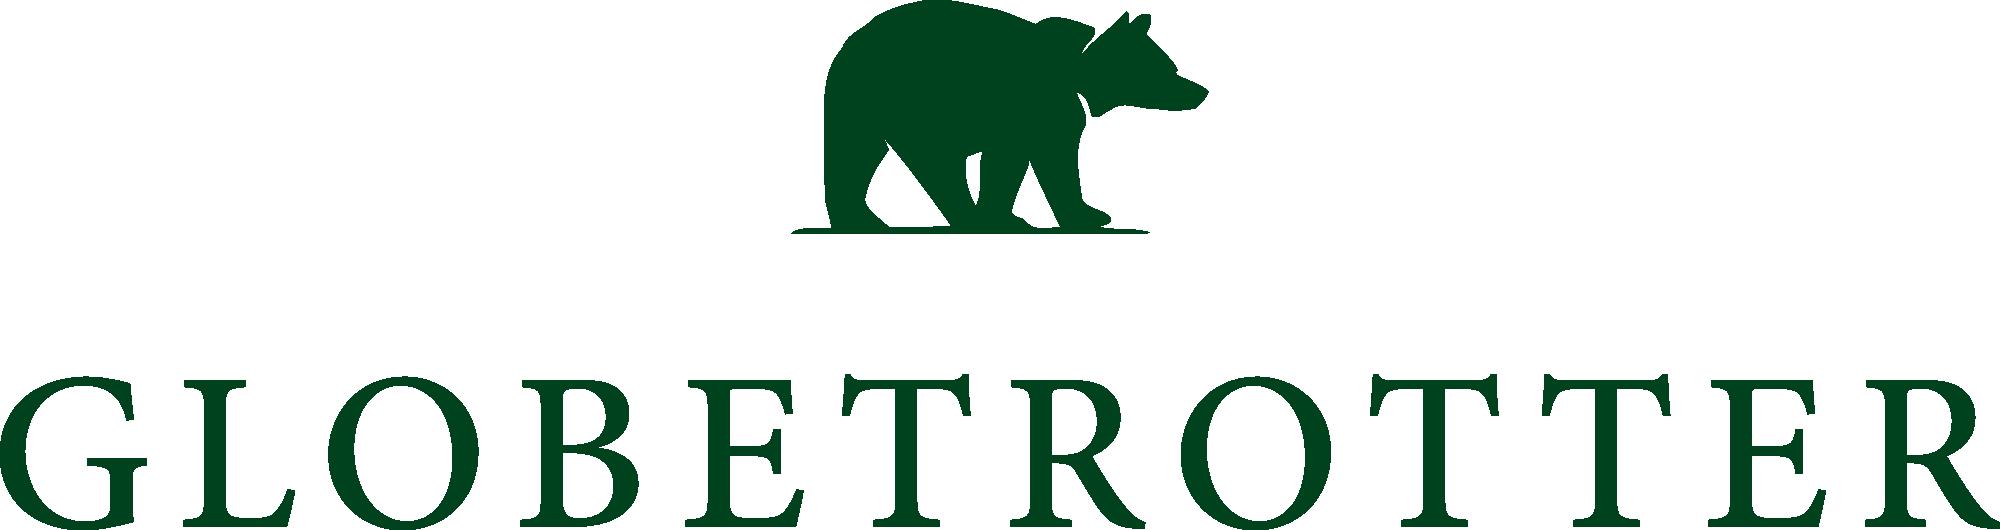 logo von globetrotter